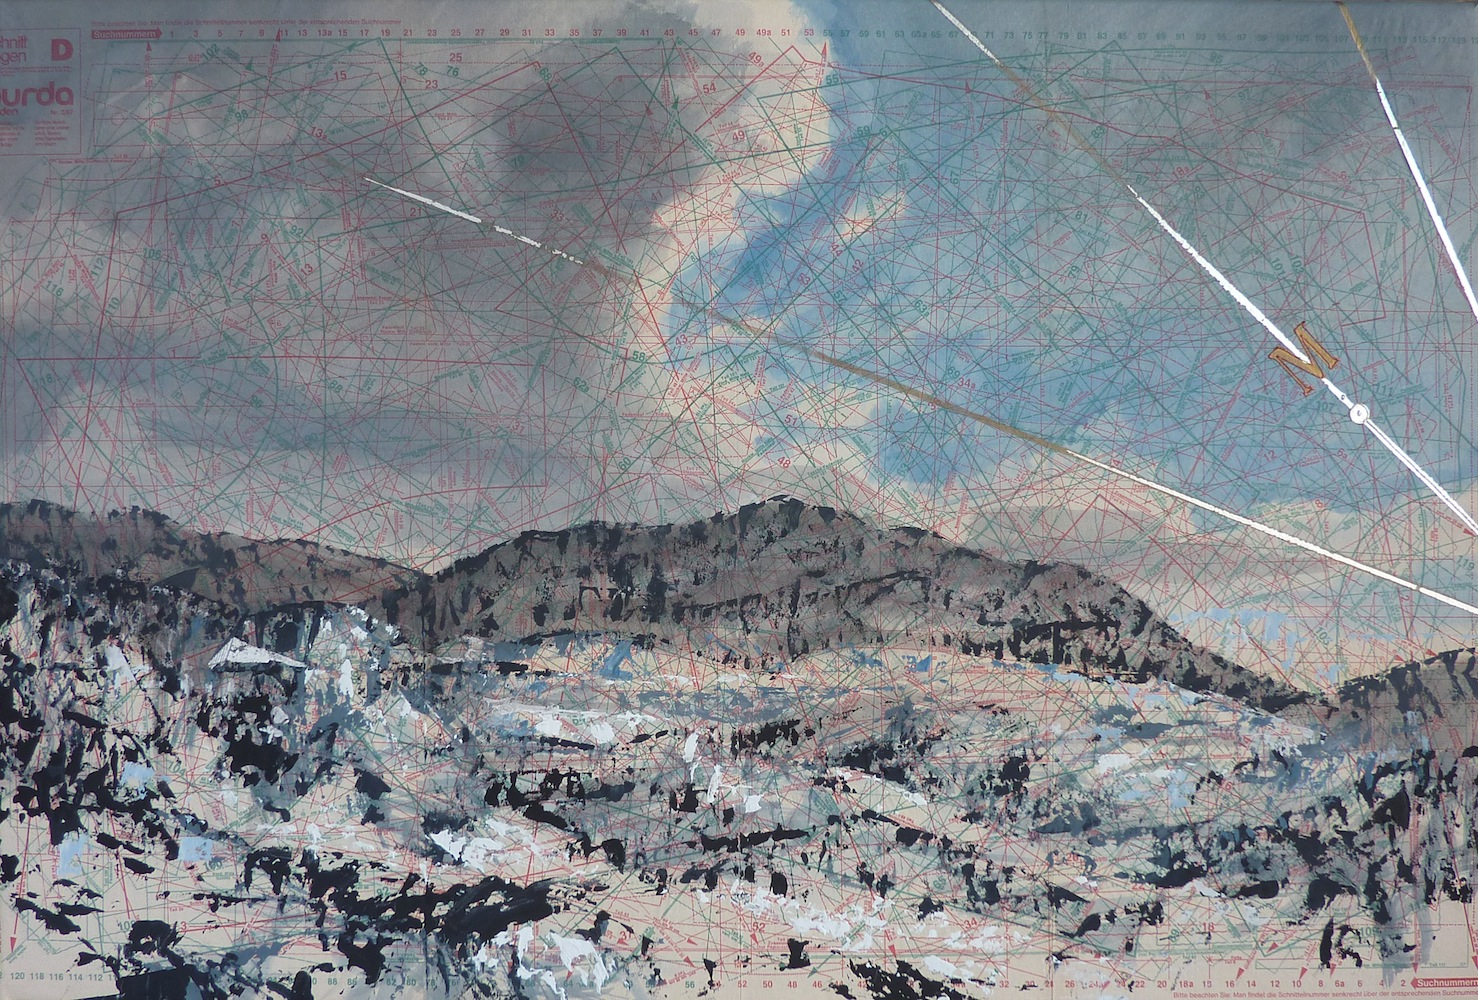 SENSI ARTE, Maestrale, tempera acrilica, foglia argento su cartamodello intelato, cm 56 x 83